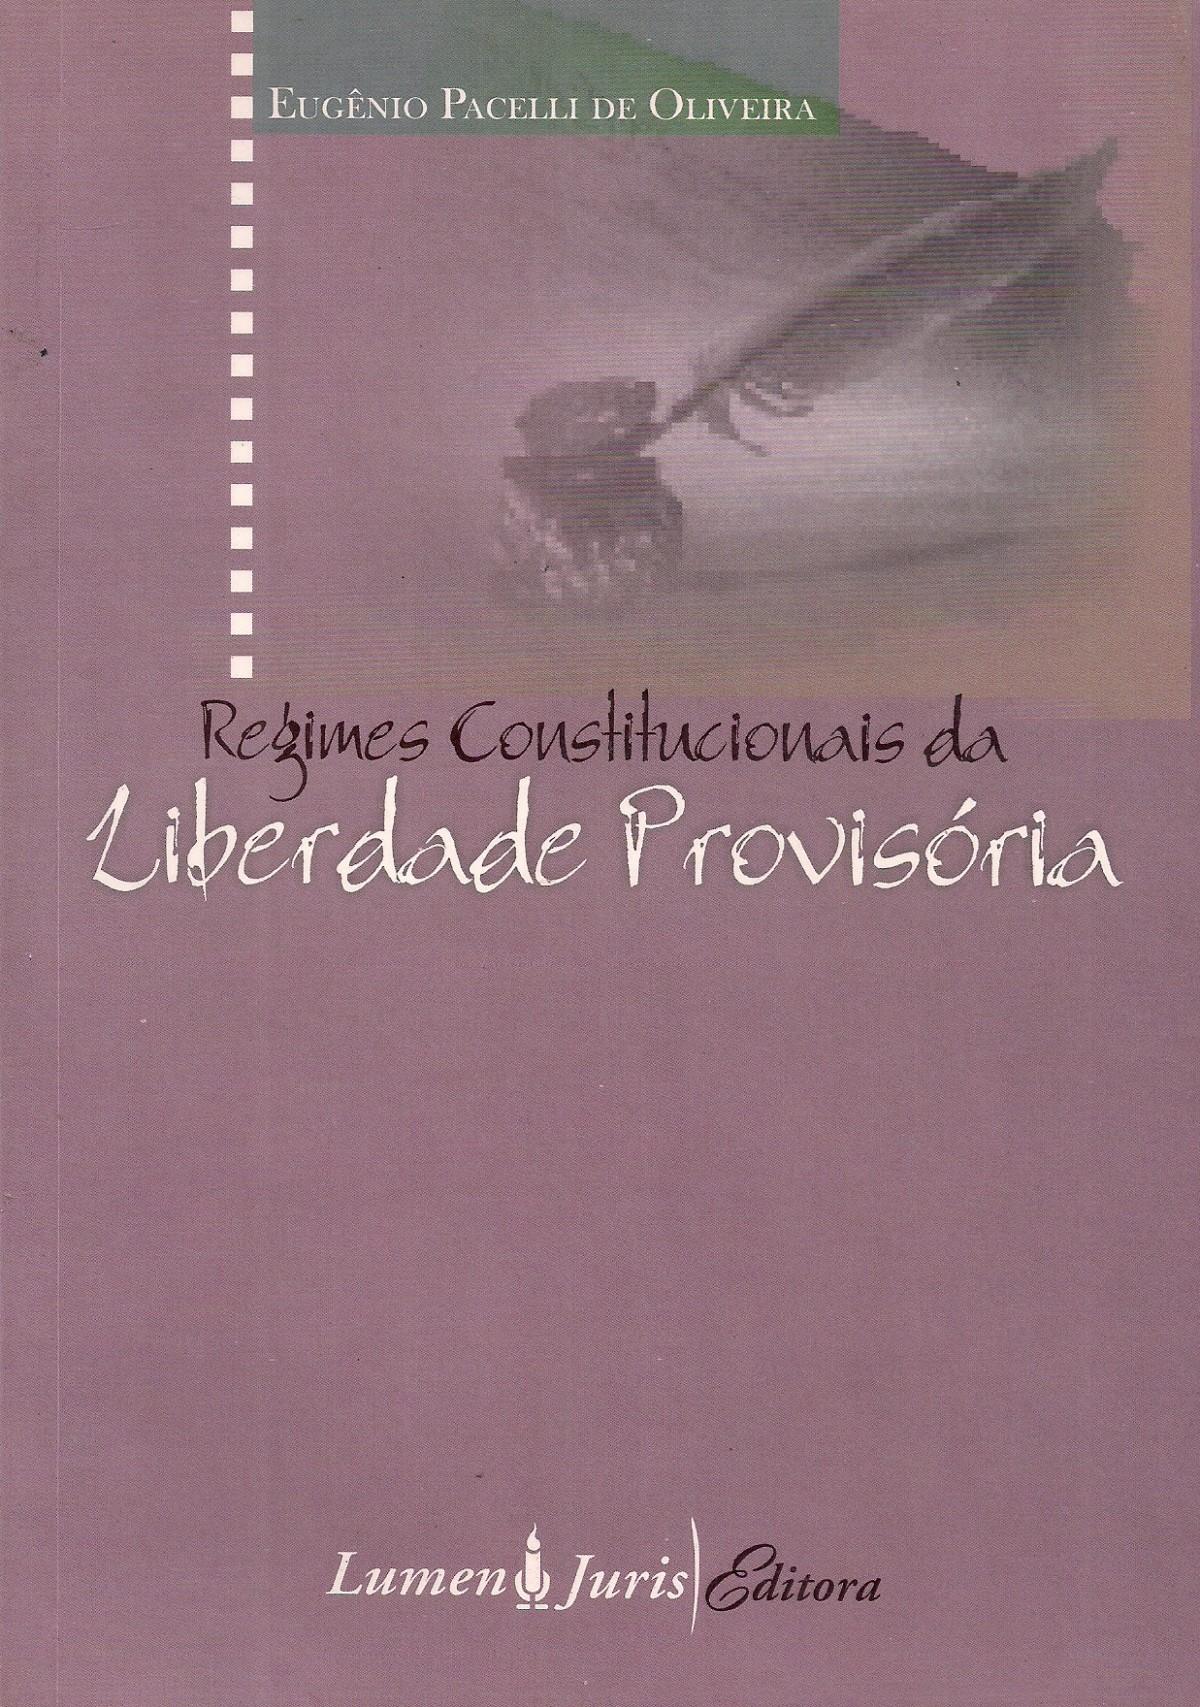 Foto 1 - Regimes Constitucionais da Liberdade Provisória